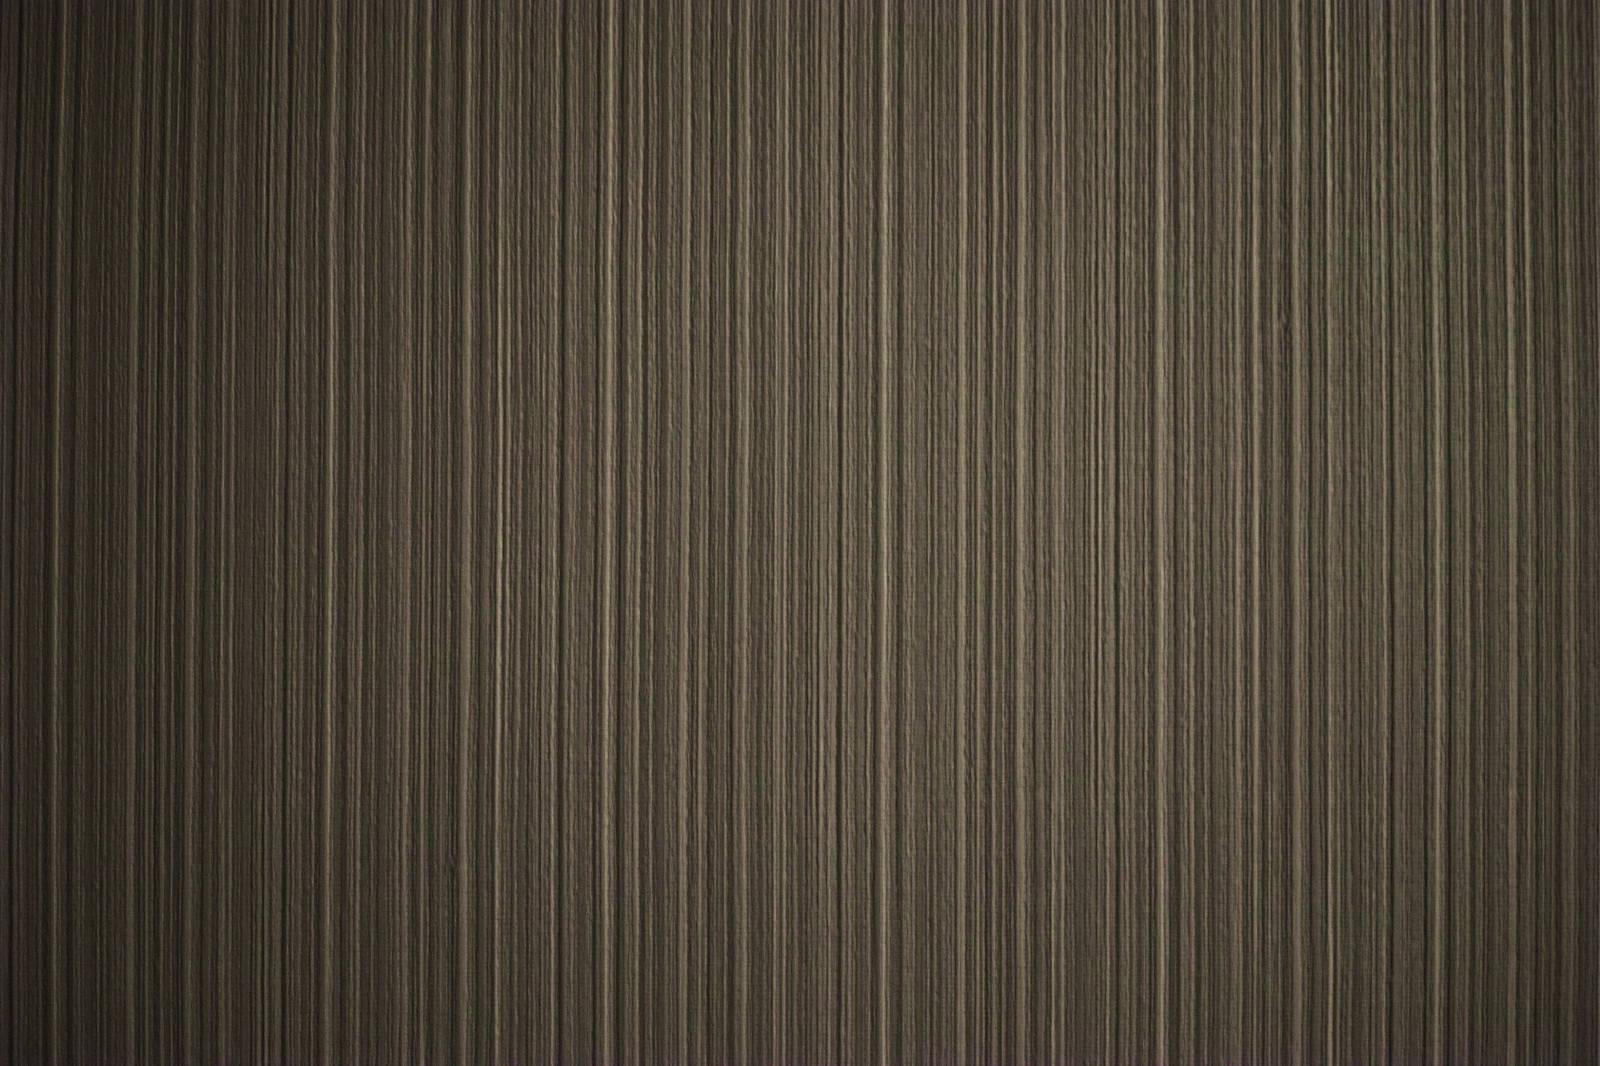 「縦縞のカーペットのテクスチャ」の写真